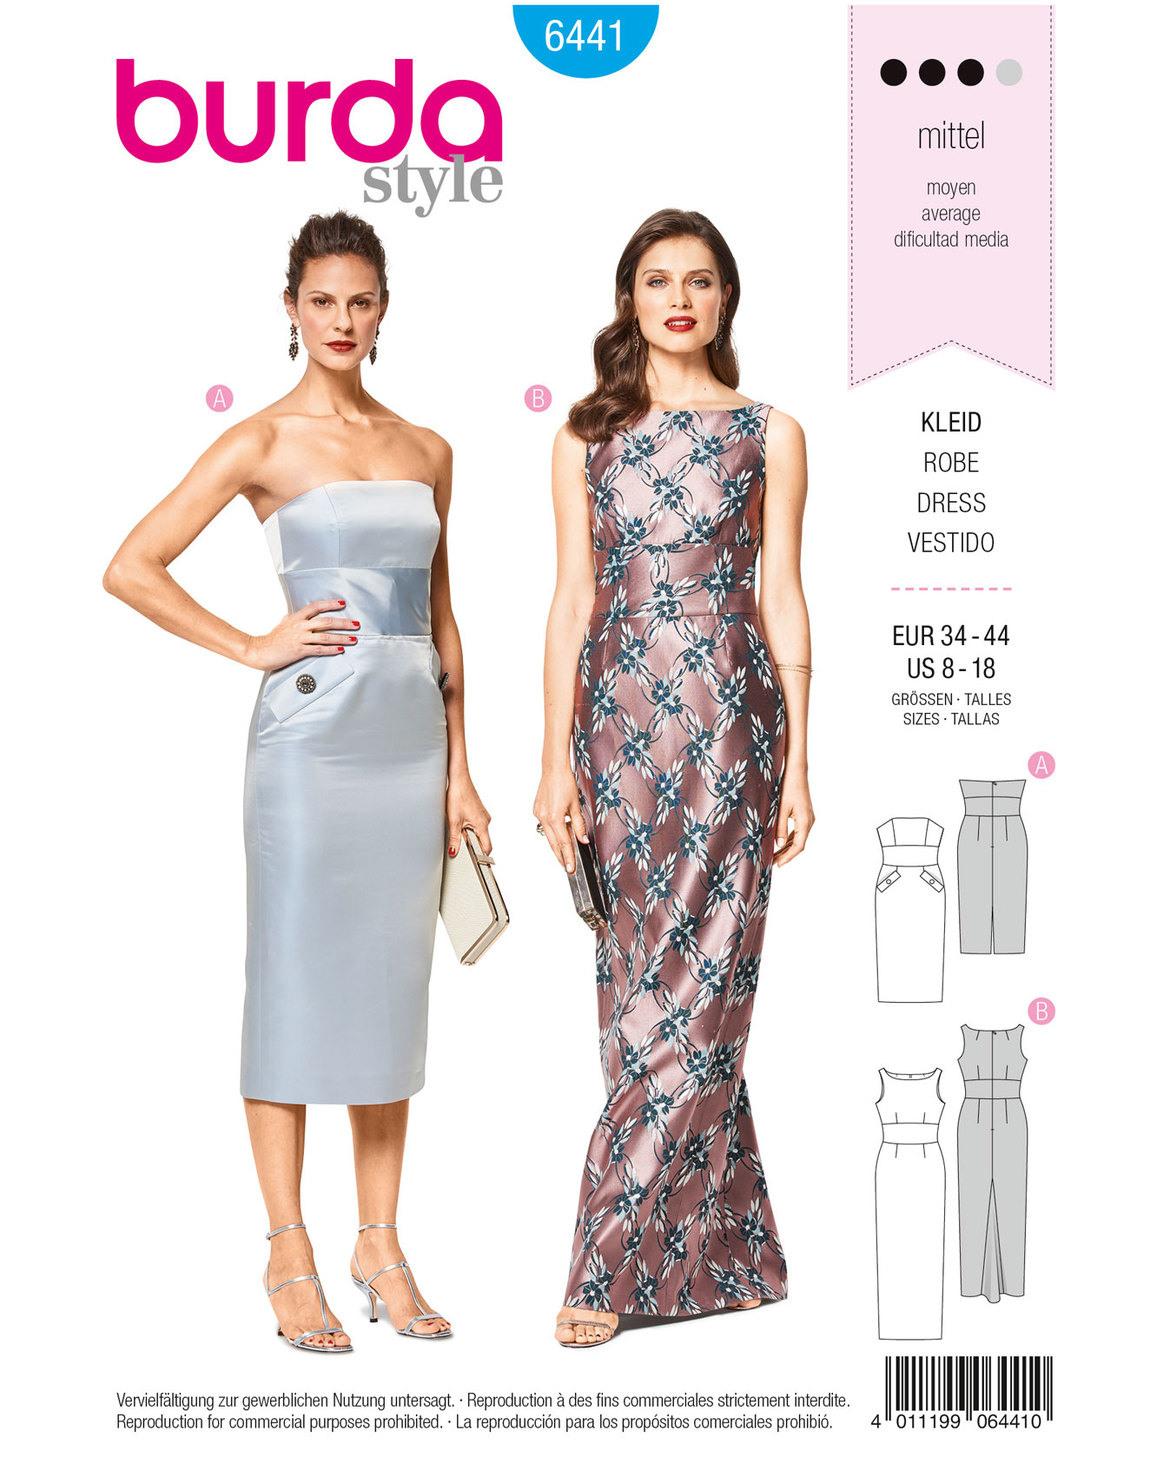 17 Einfach Abendkleid Nähen Schnittmuster für 201915 Luxurius Abendkleid Nähen Schnittmuster Spezialgebiet